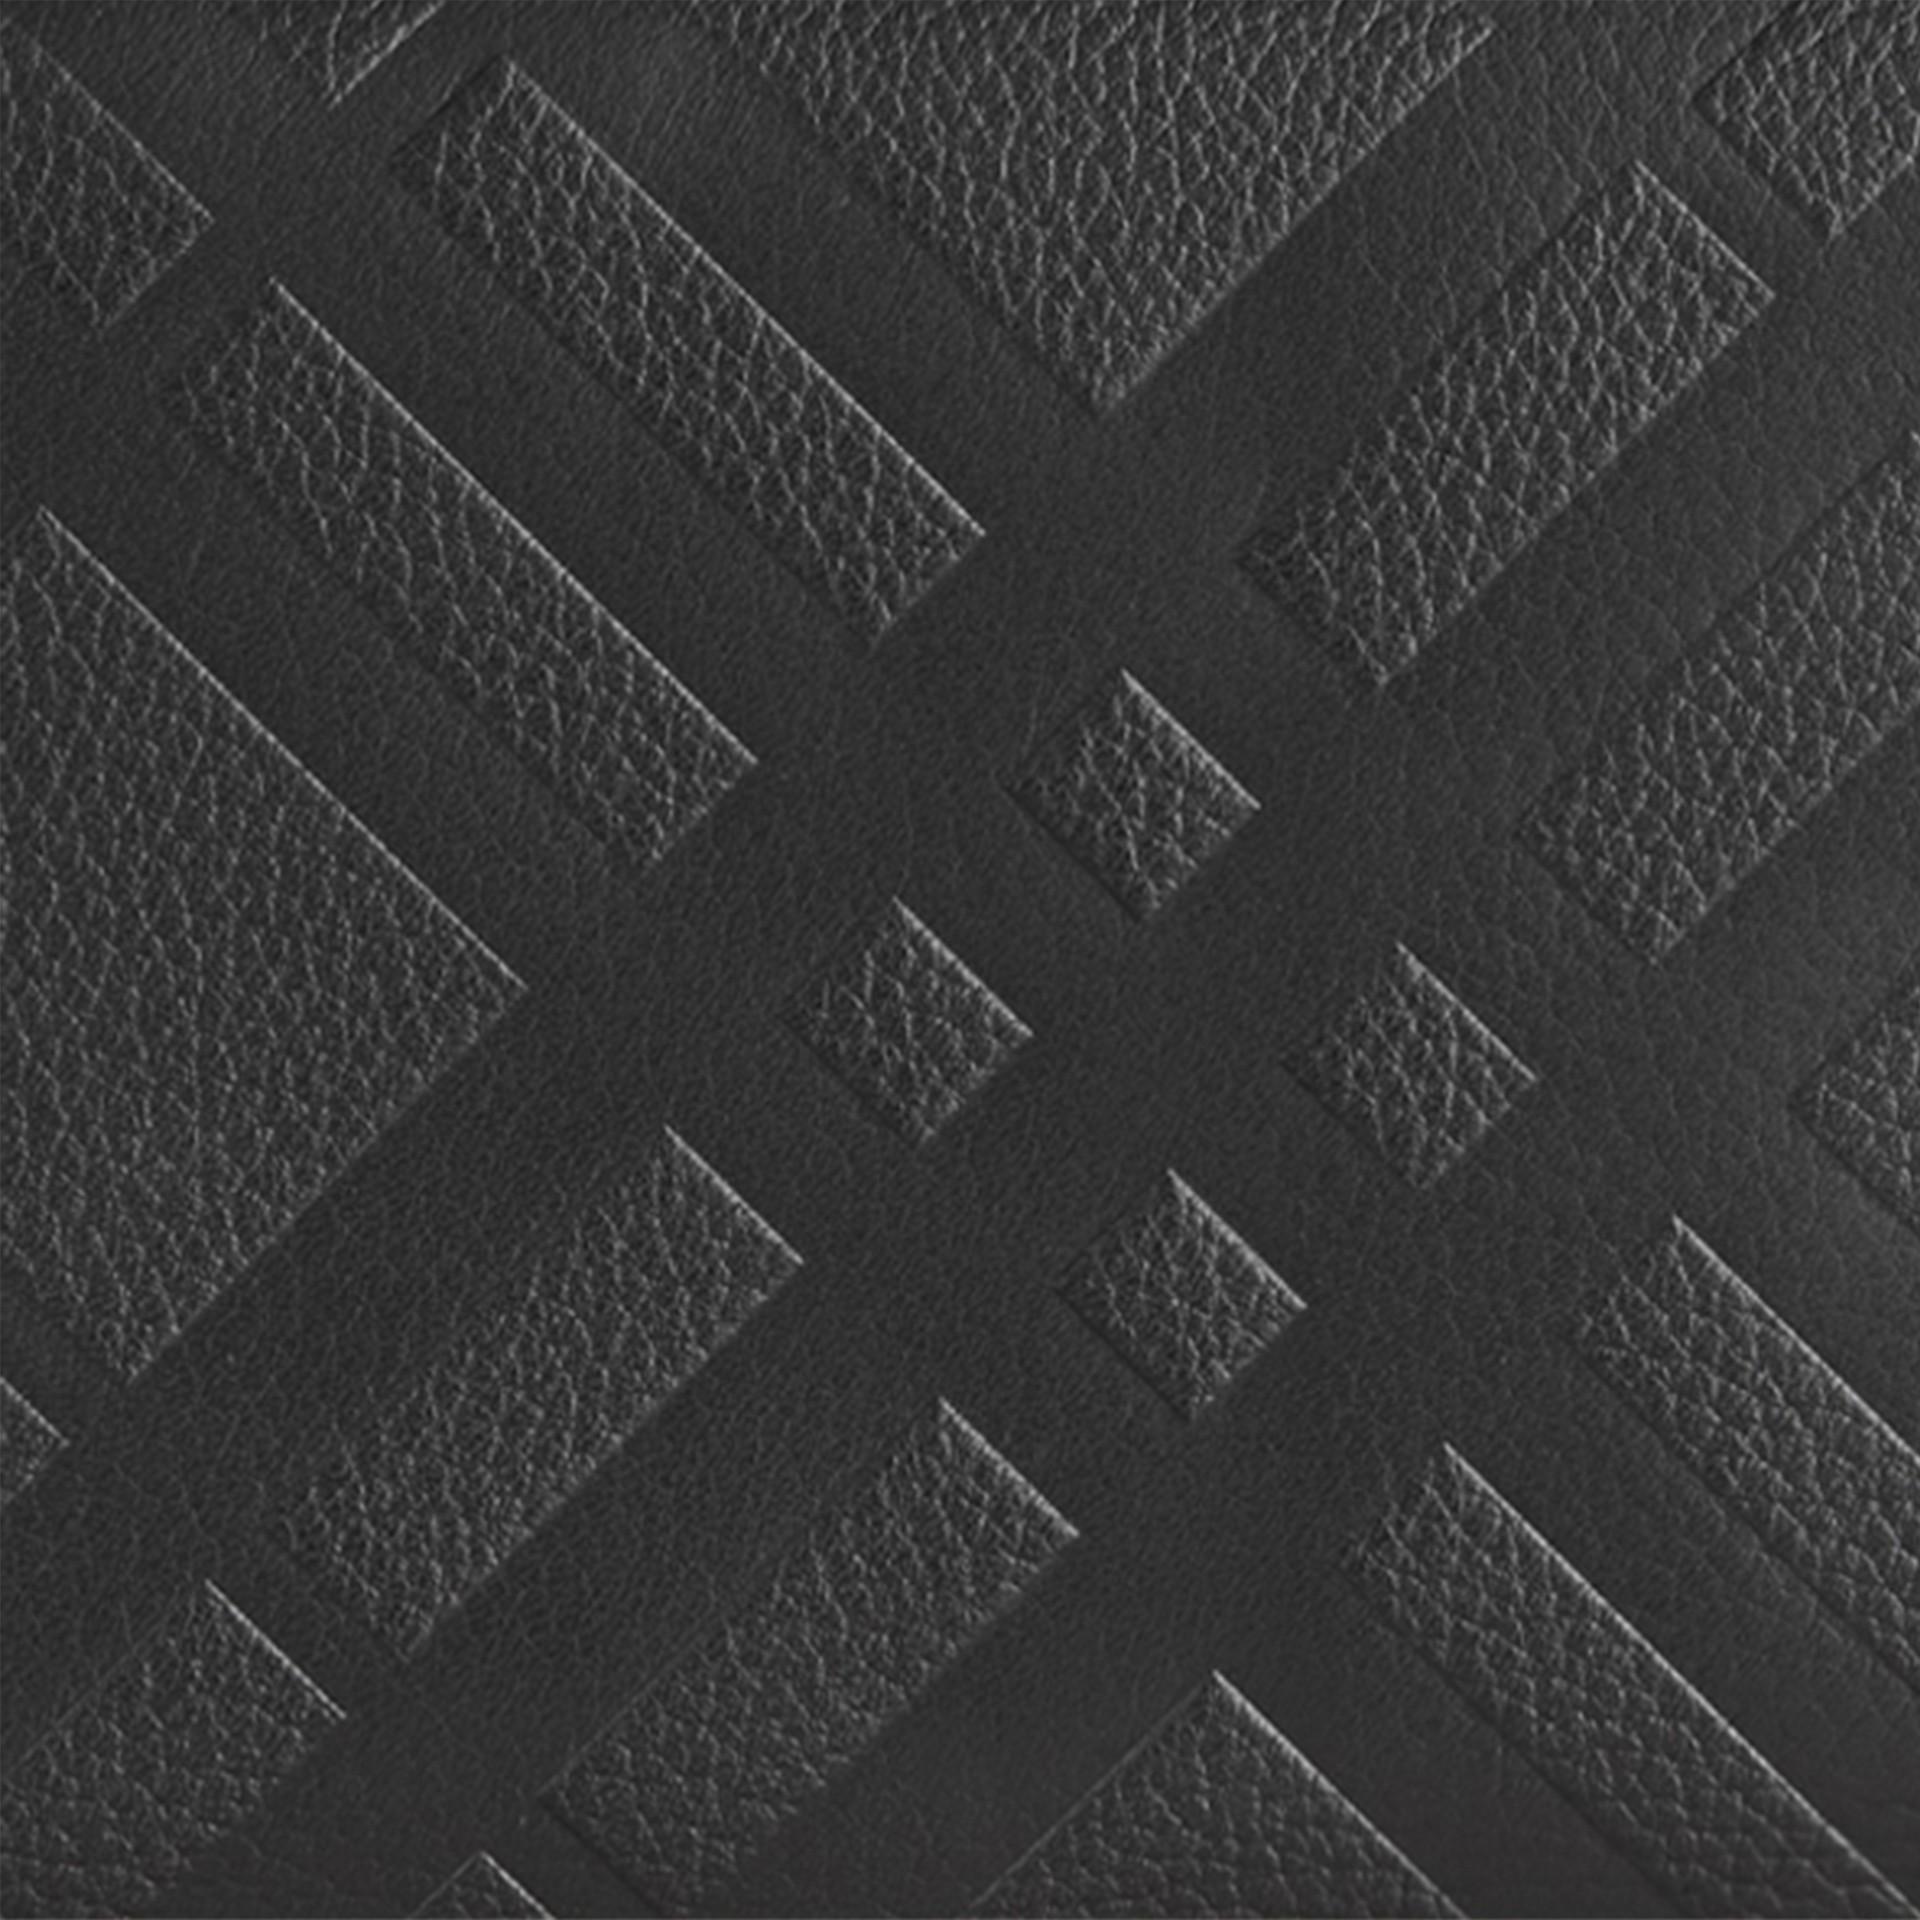 Noir Portefeuille à contour zippé en cuir à motif check estampé Noir - photo de la galerie 2